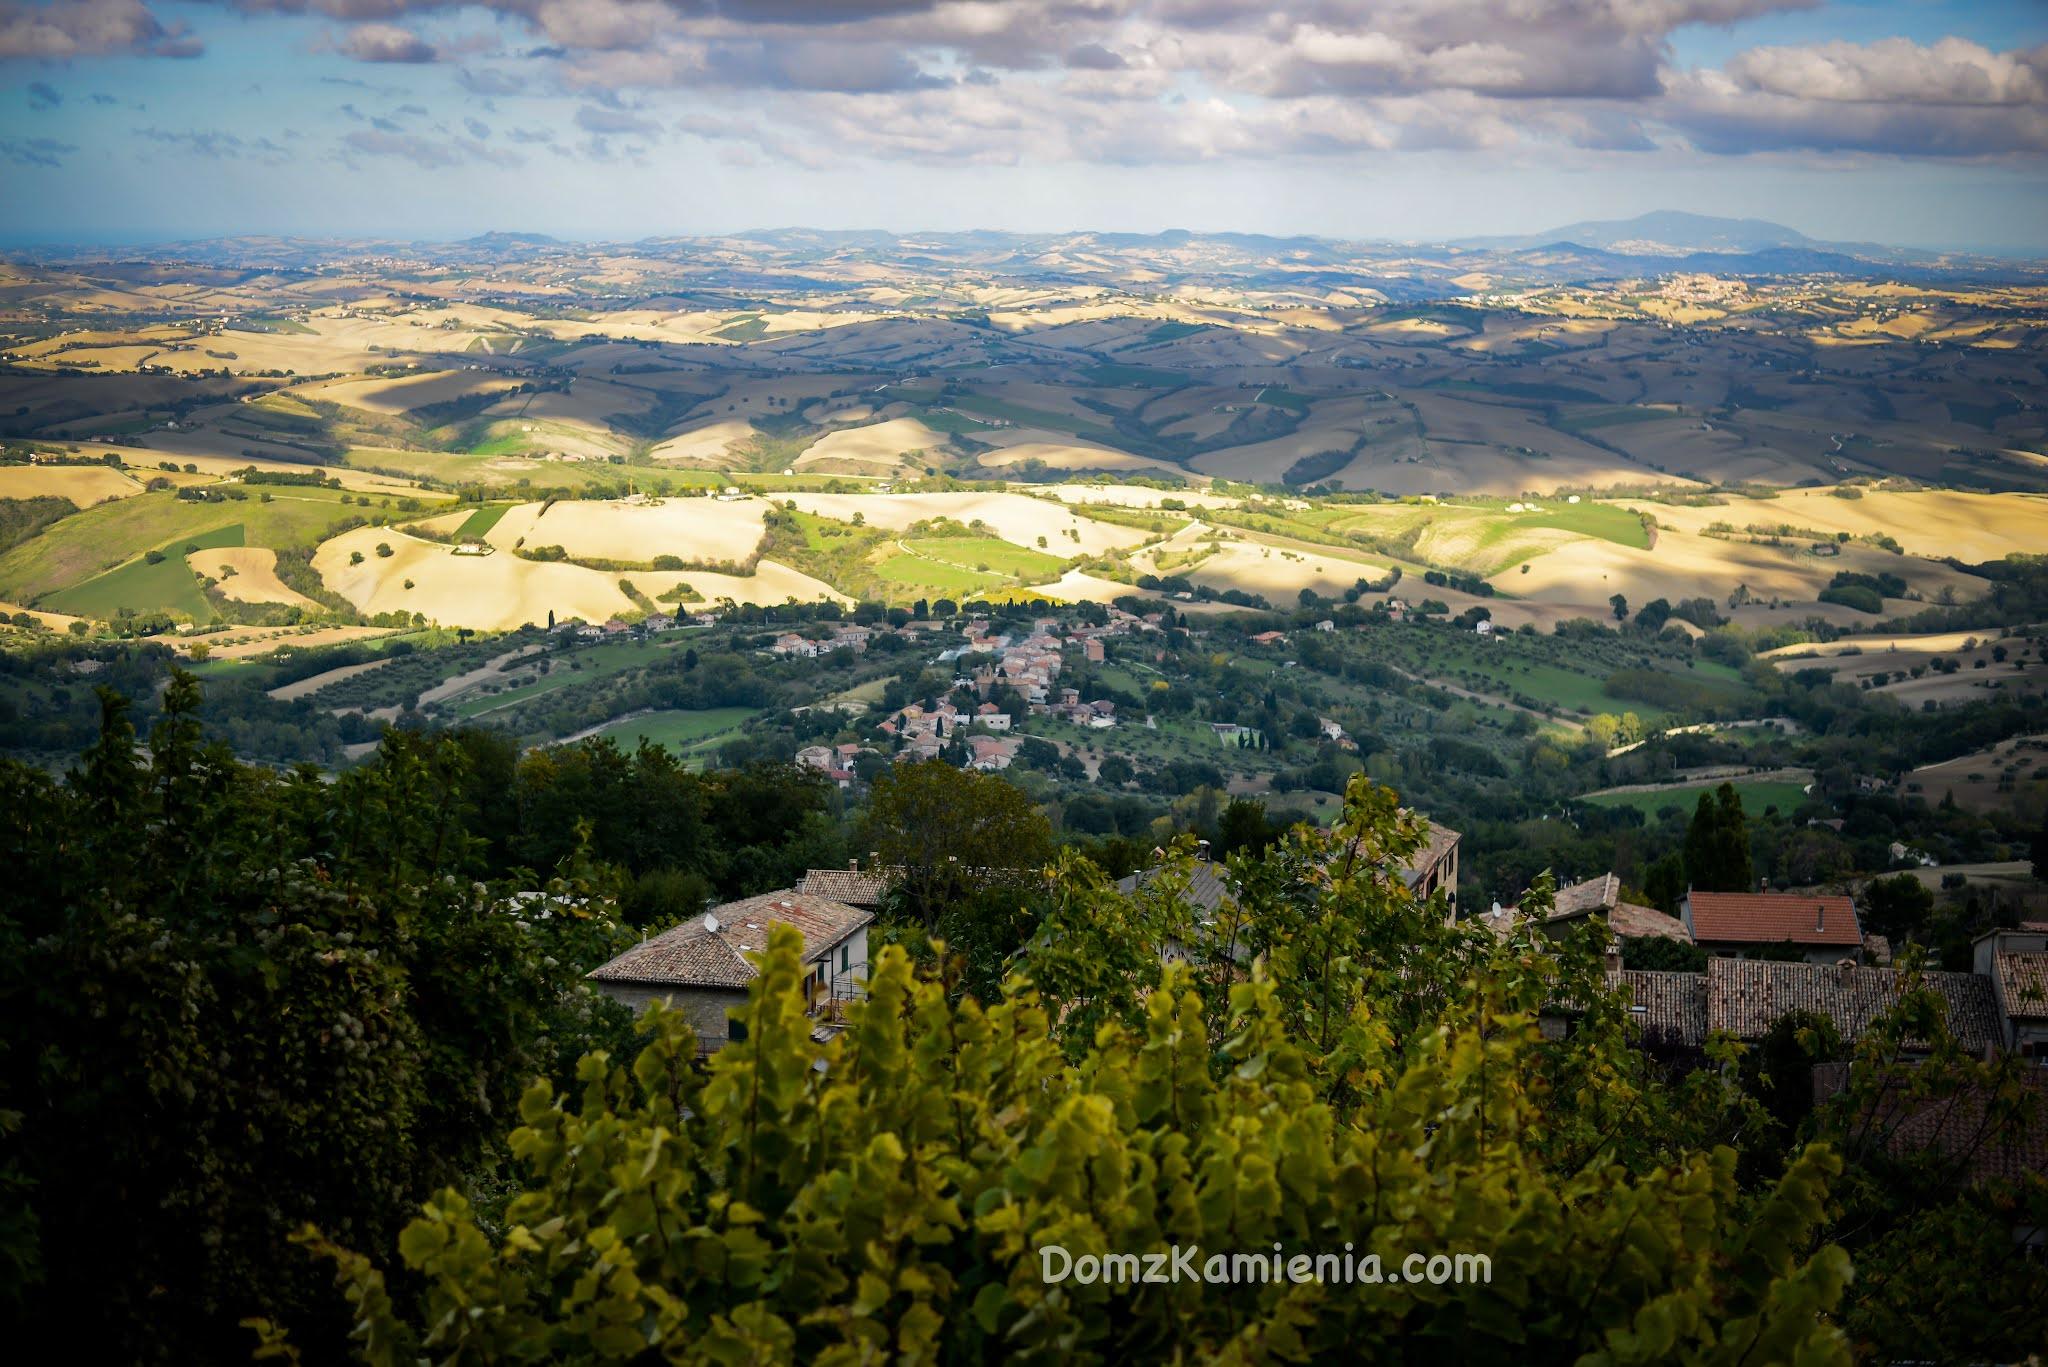 Cingoli Marche region Włoch nieznany. Dom z Kamienia blog